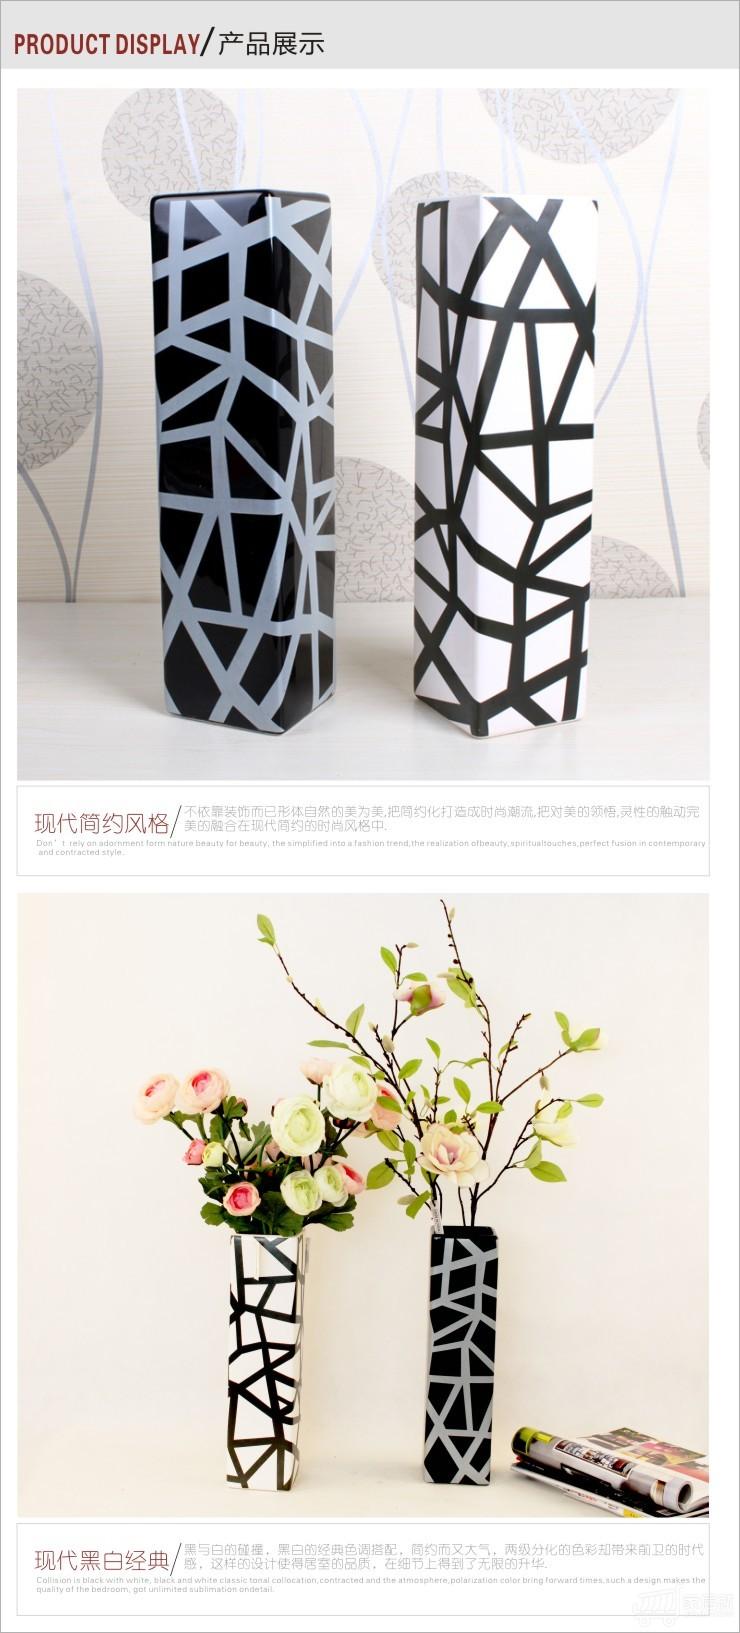 丰舍 现代简约黑白线条花瓶 fs123 黑色 现代简约时尚家居饰品摆件黑